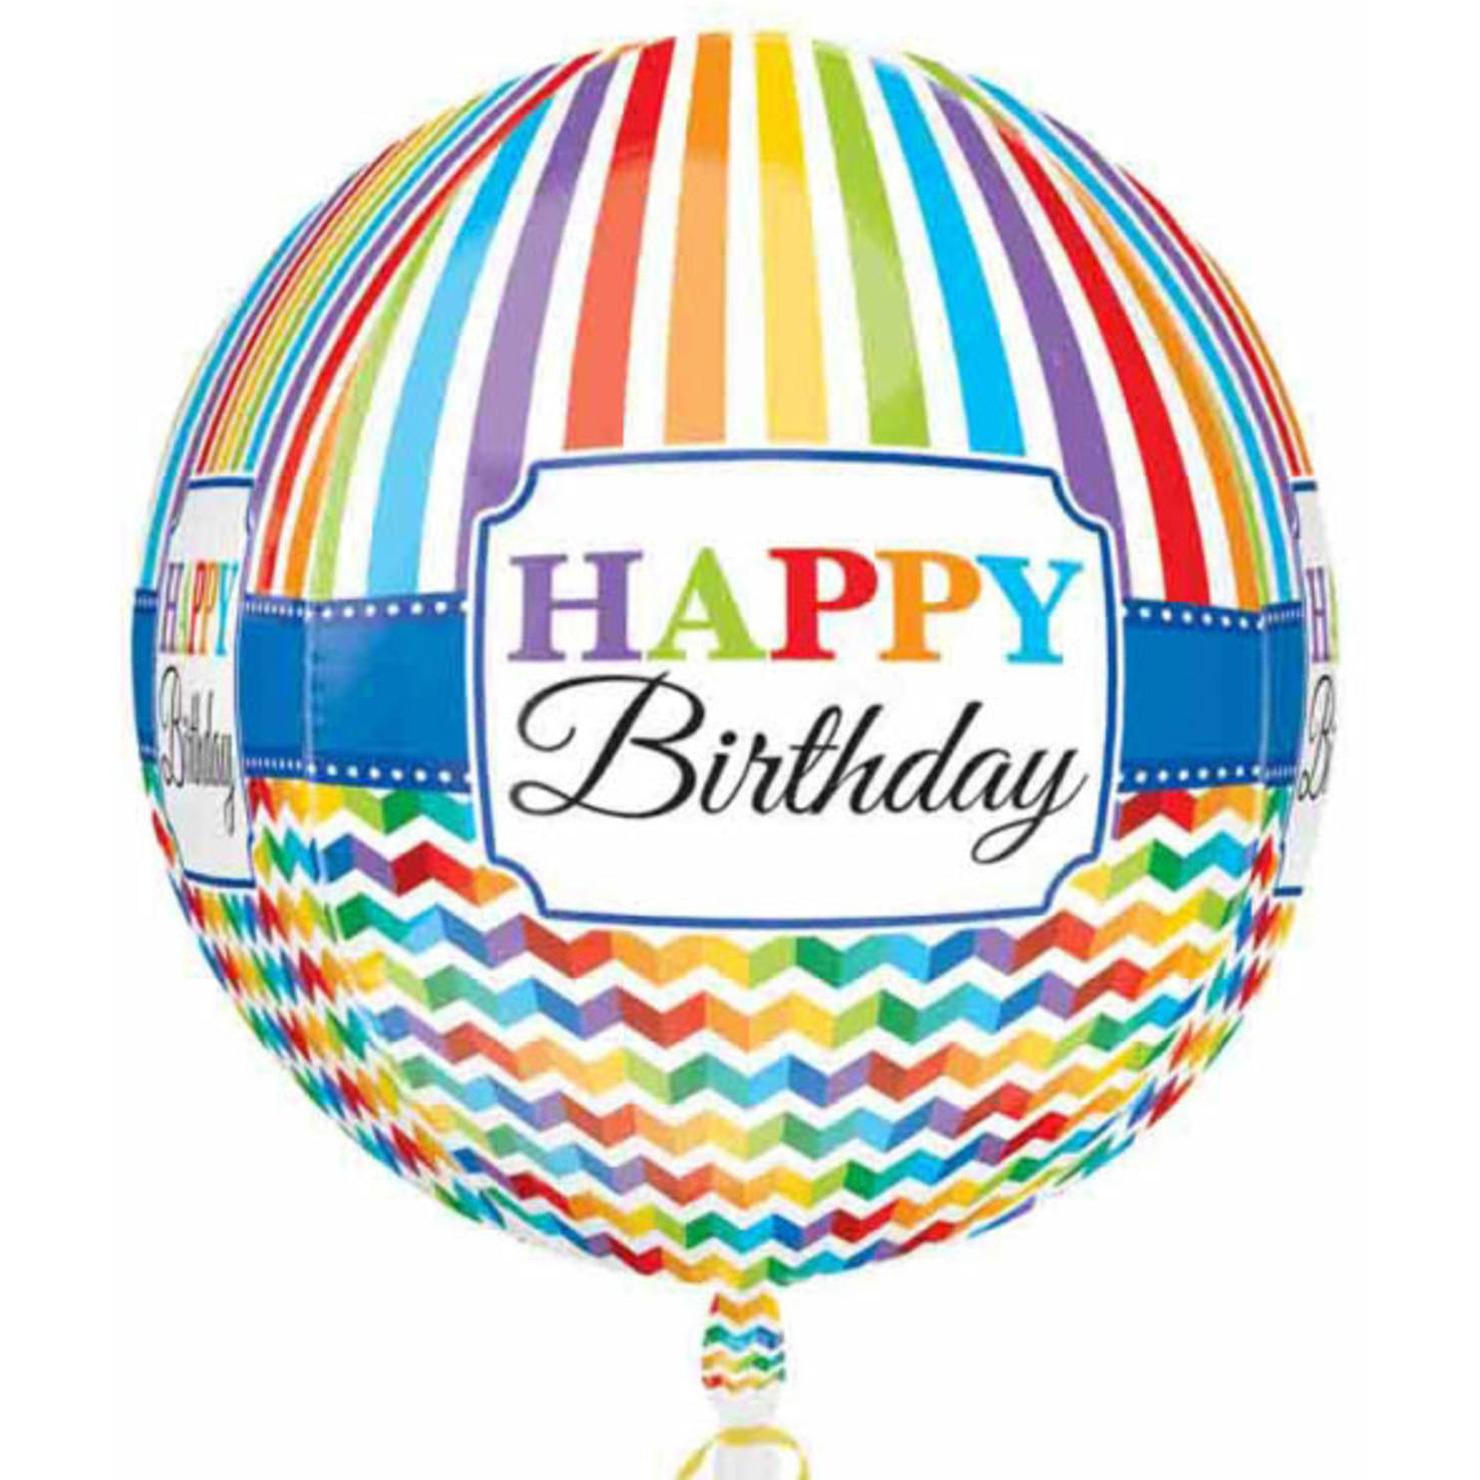 Folie ballon orbz/rond Gefeliciteerd/Happy Birthday 40 cm met helium gevuld